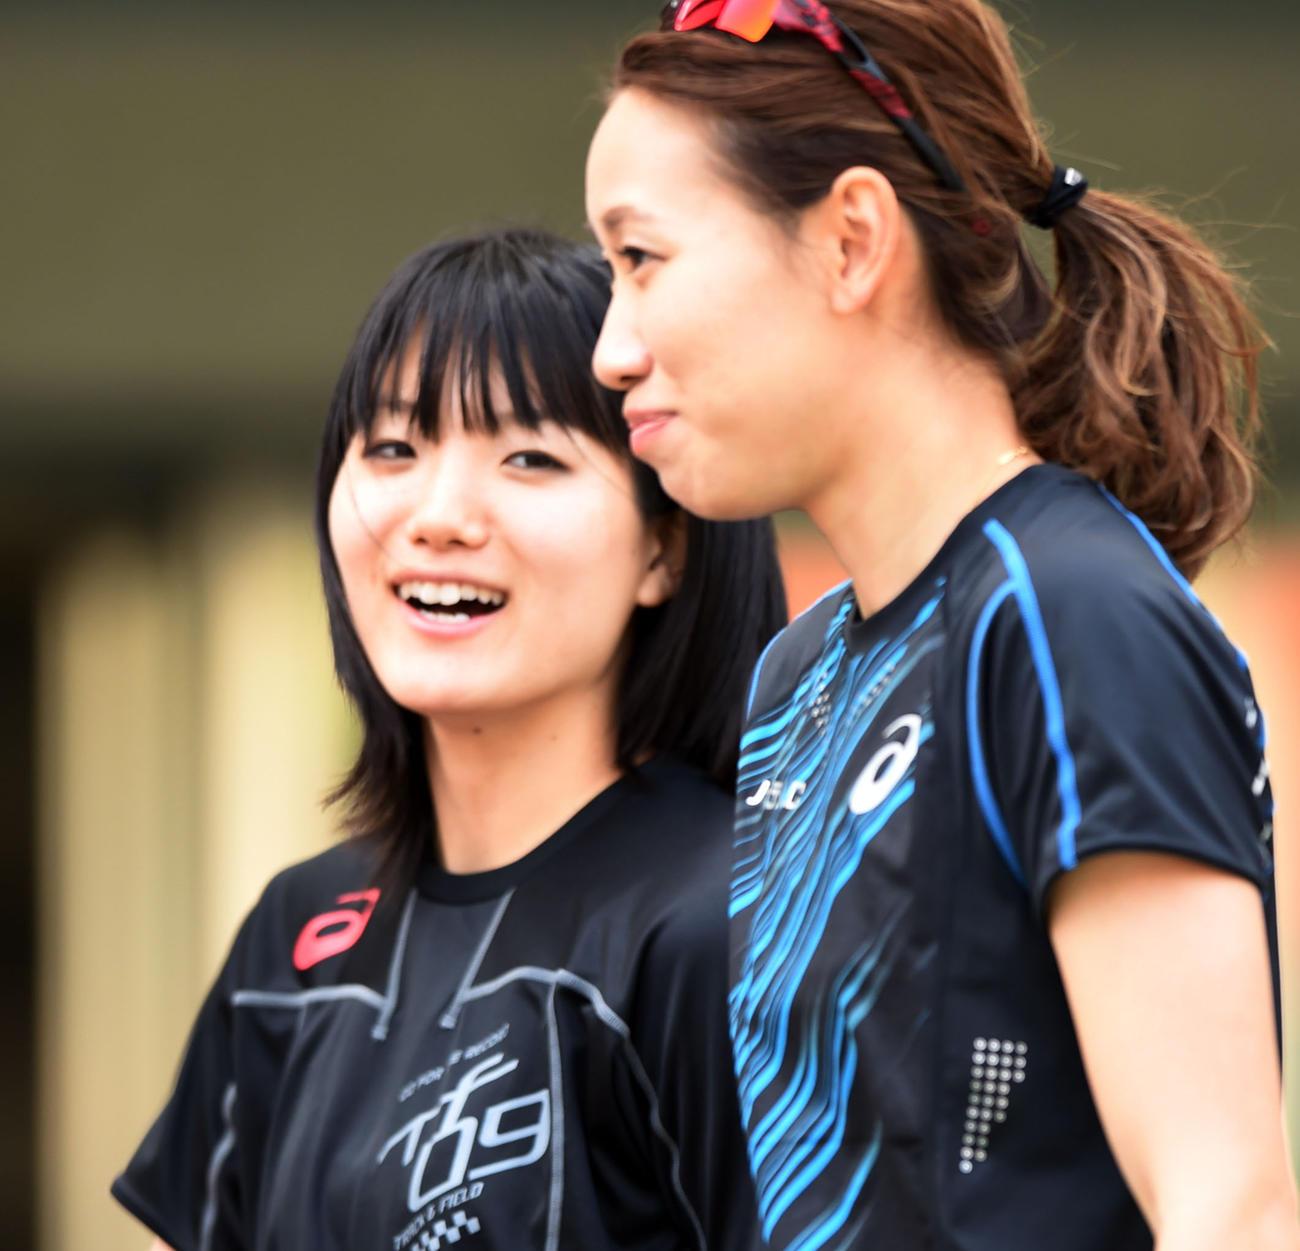 時折笑顔を見せながらリラックスした表情で練習に取り組む福島(右)。左は土井(撮影・横山健太)